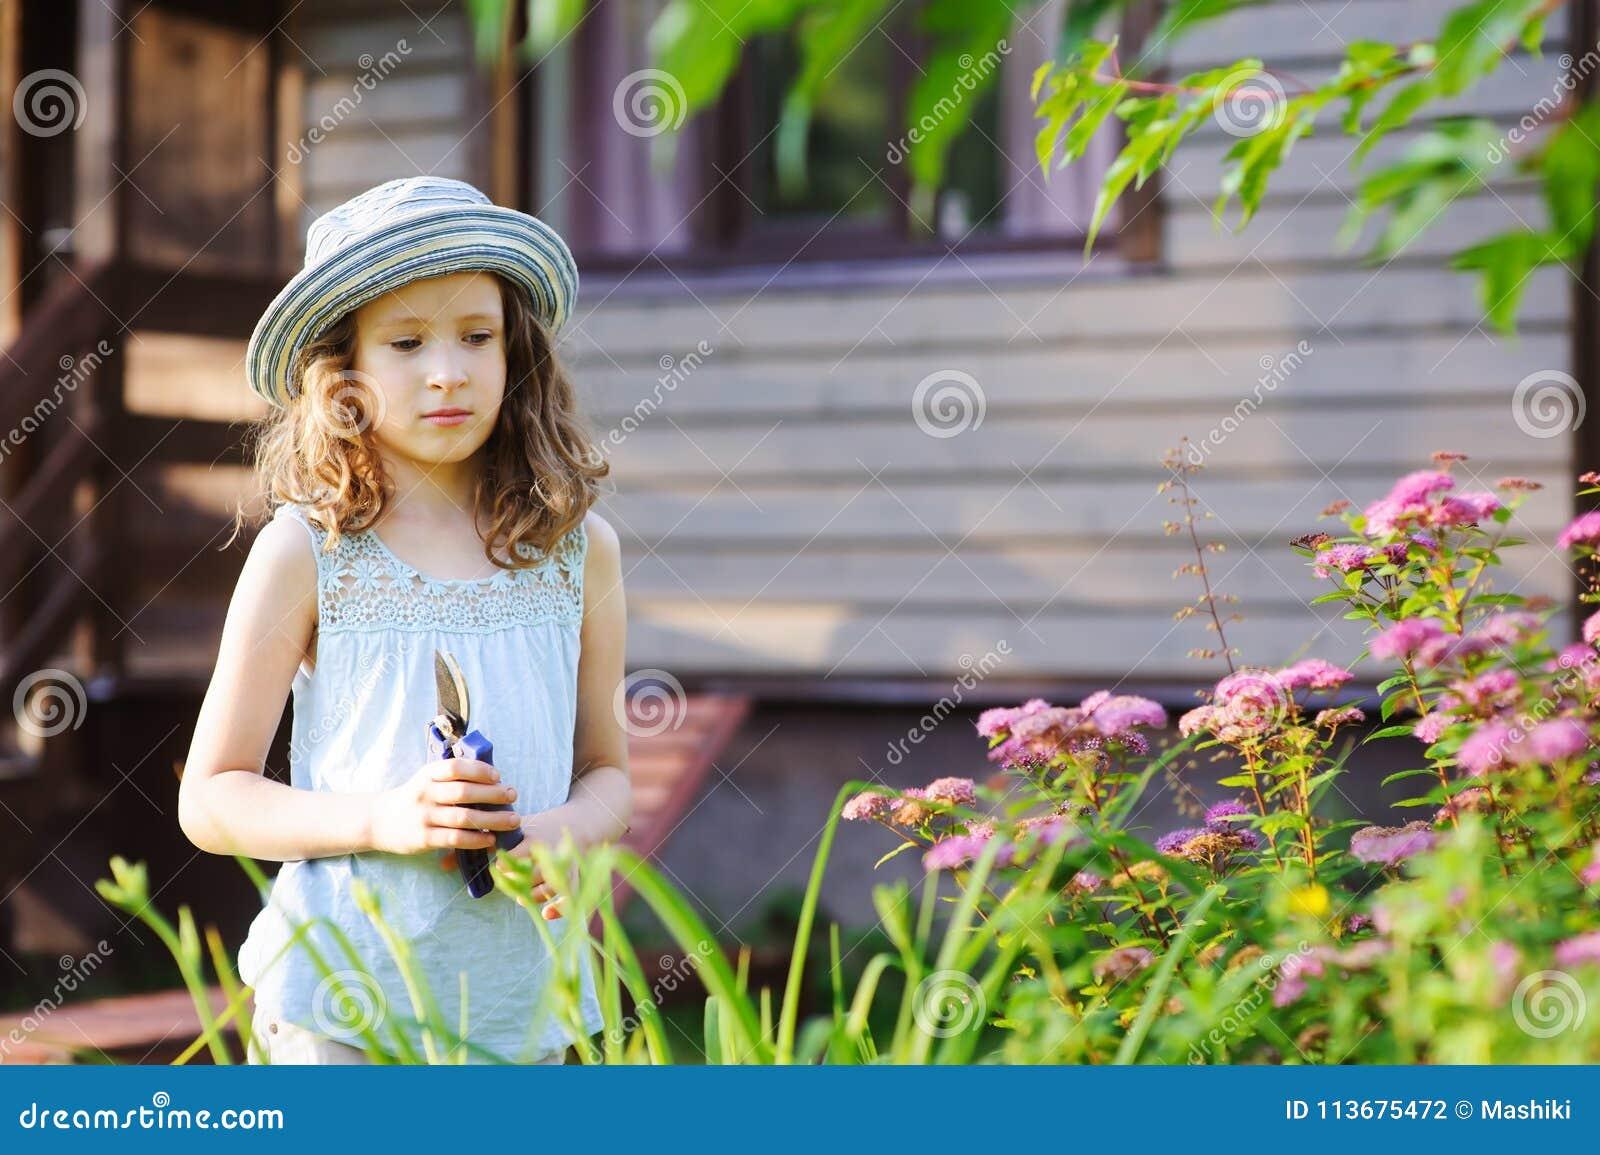 Девушка модель ребенка работа sims 4 веб модель